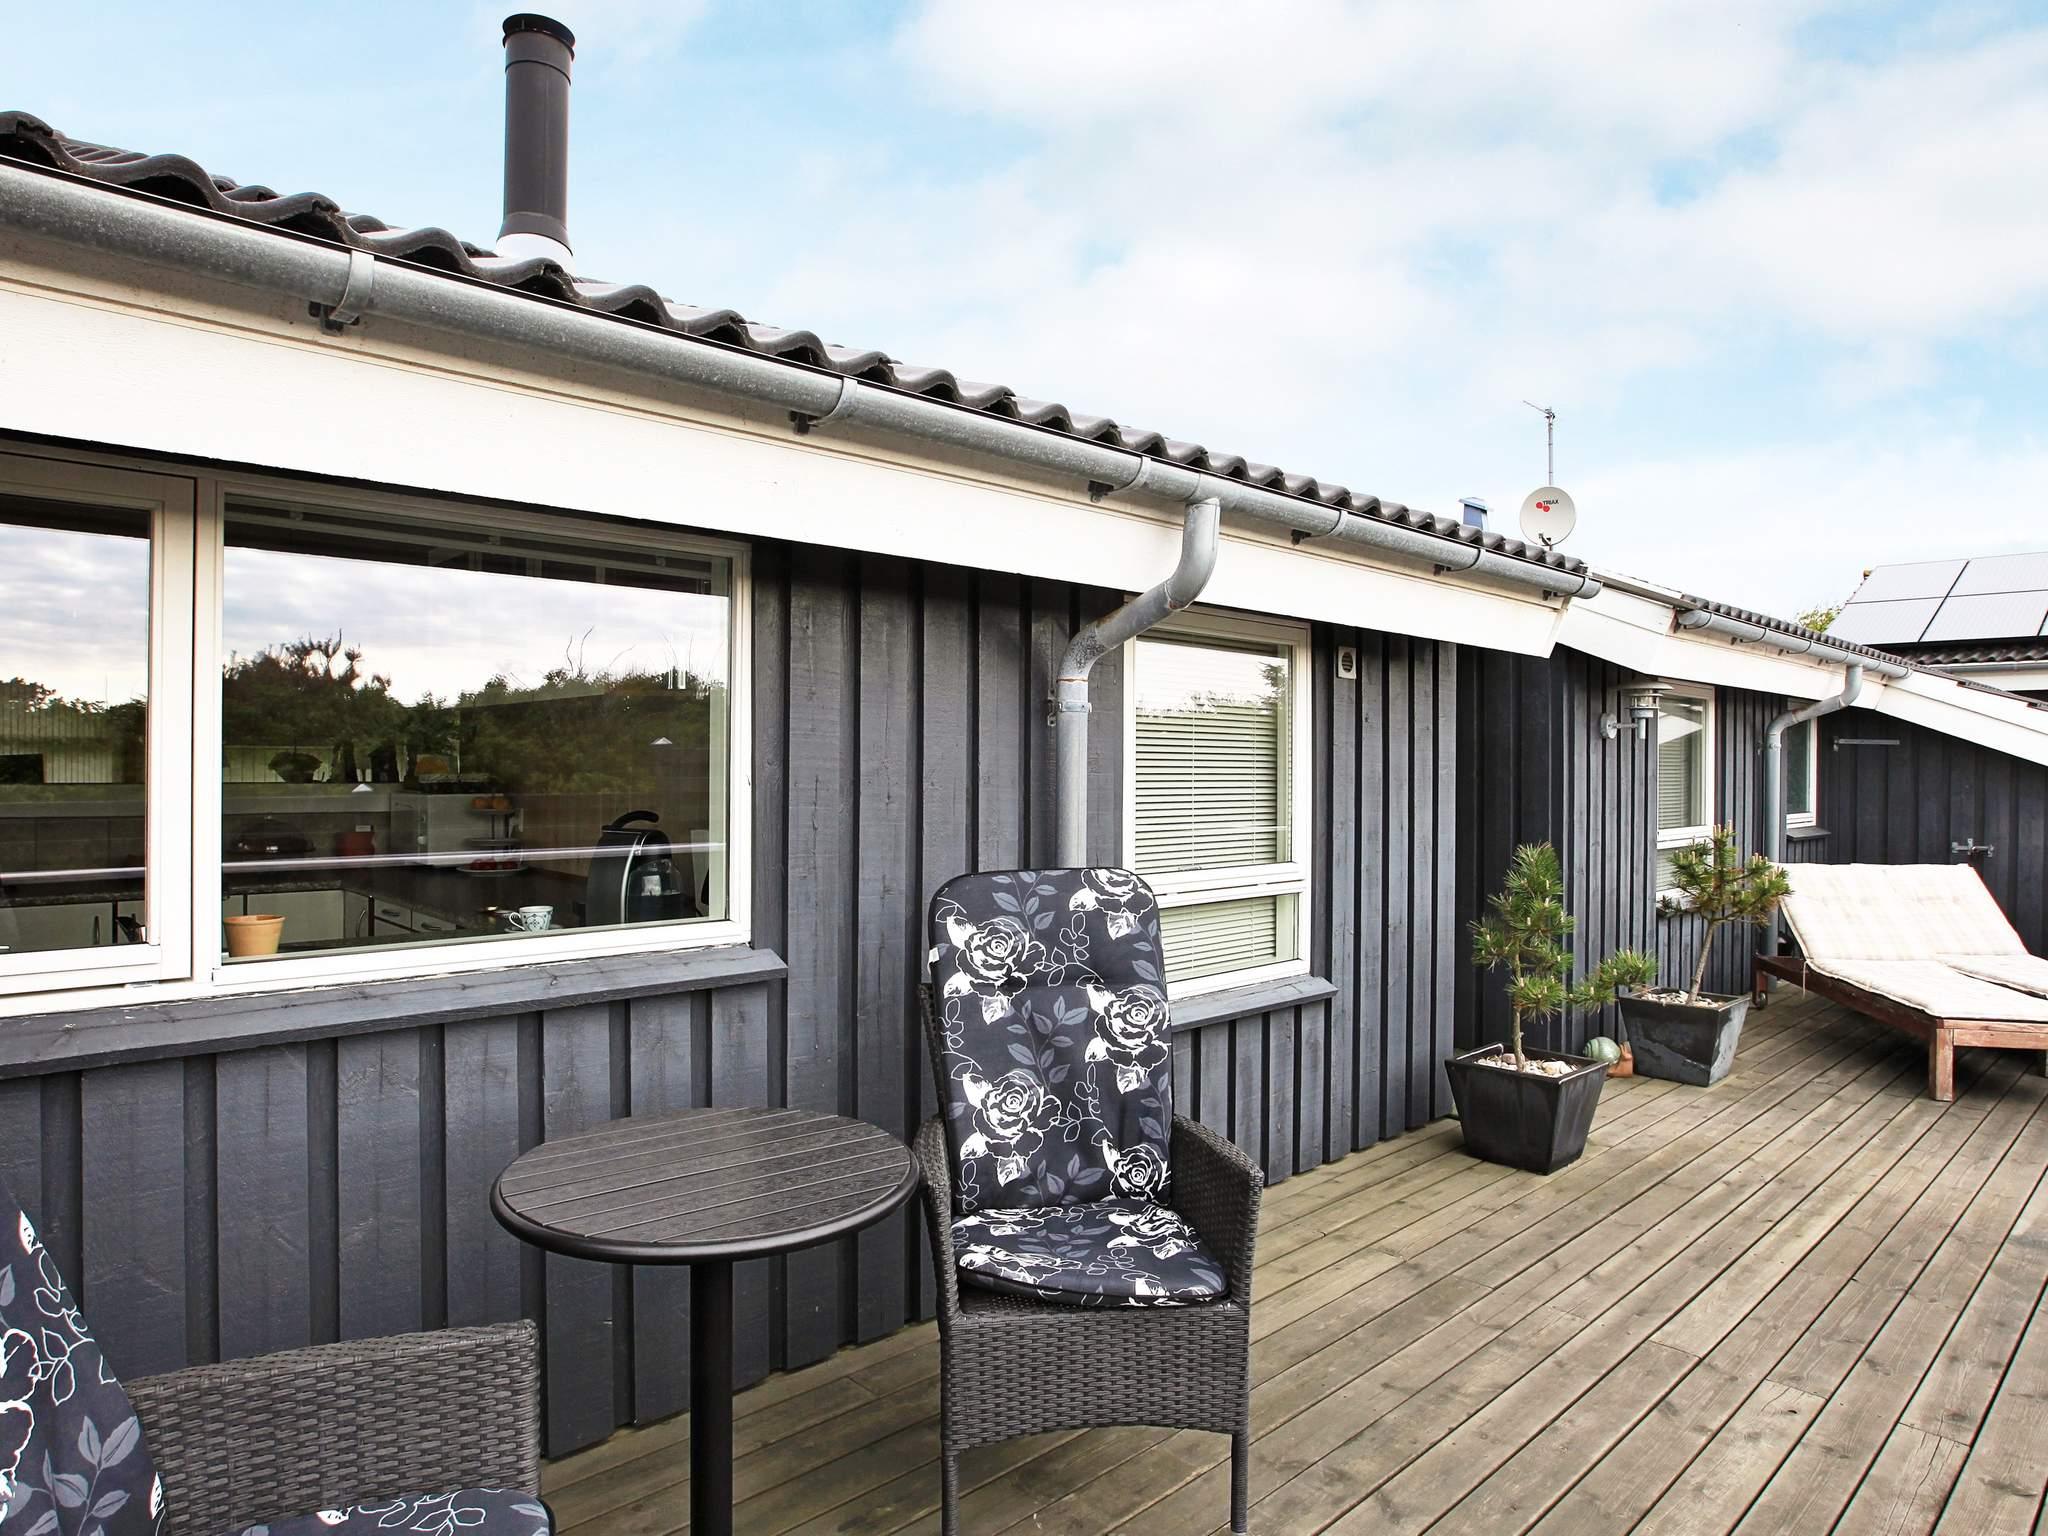 Ferienhaus Løkken (84203), Løkken, , Nordwestjütland, Dänemark, Bild 19